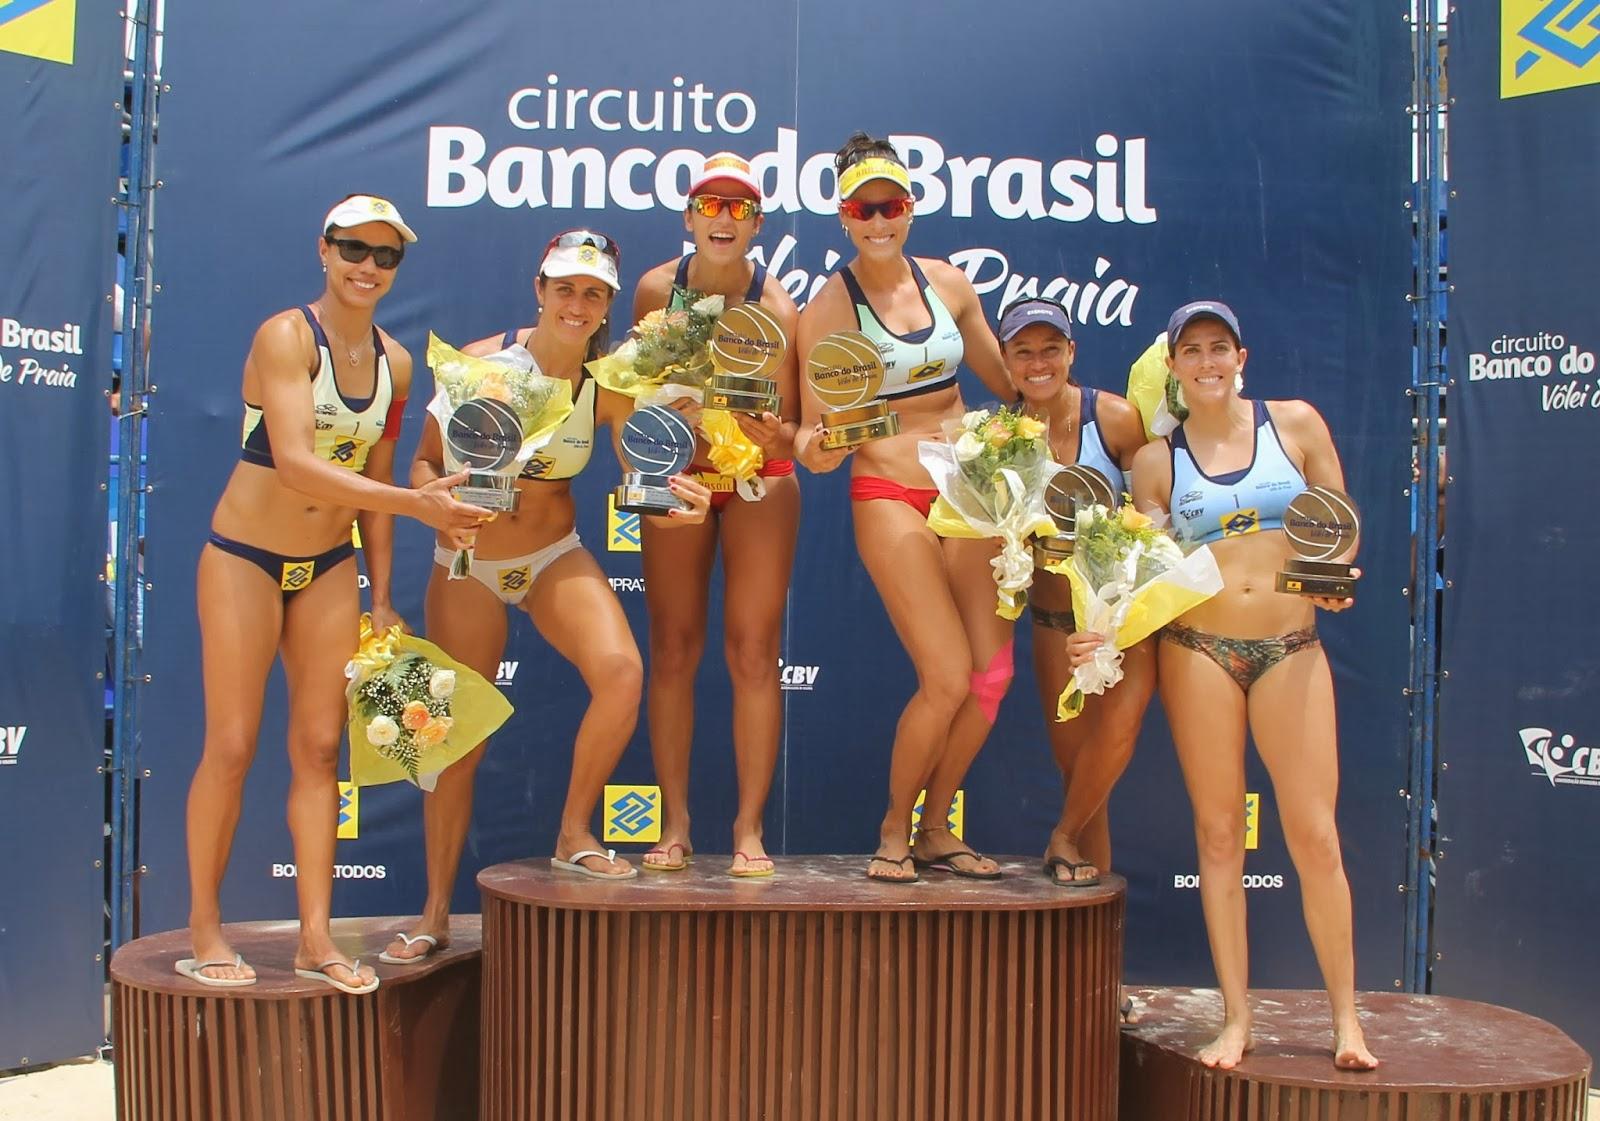 Circuito Banco Do Brasil : Wcb news circuito banco do brasil agatha e bárbara